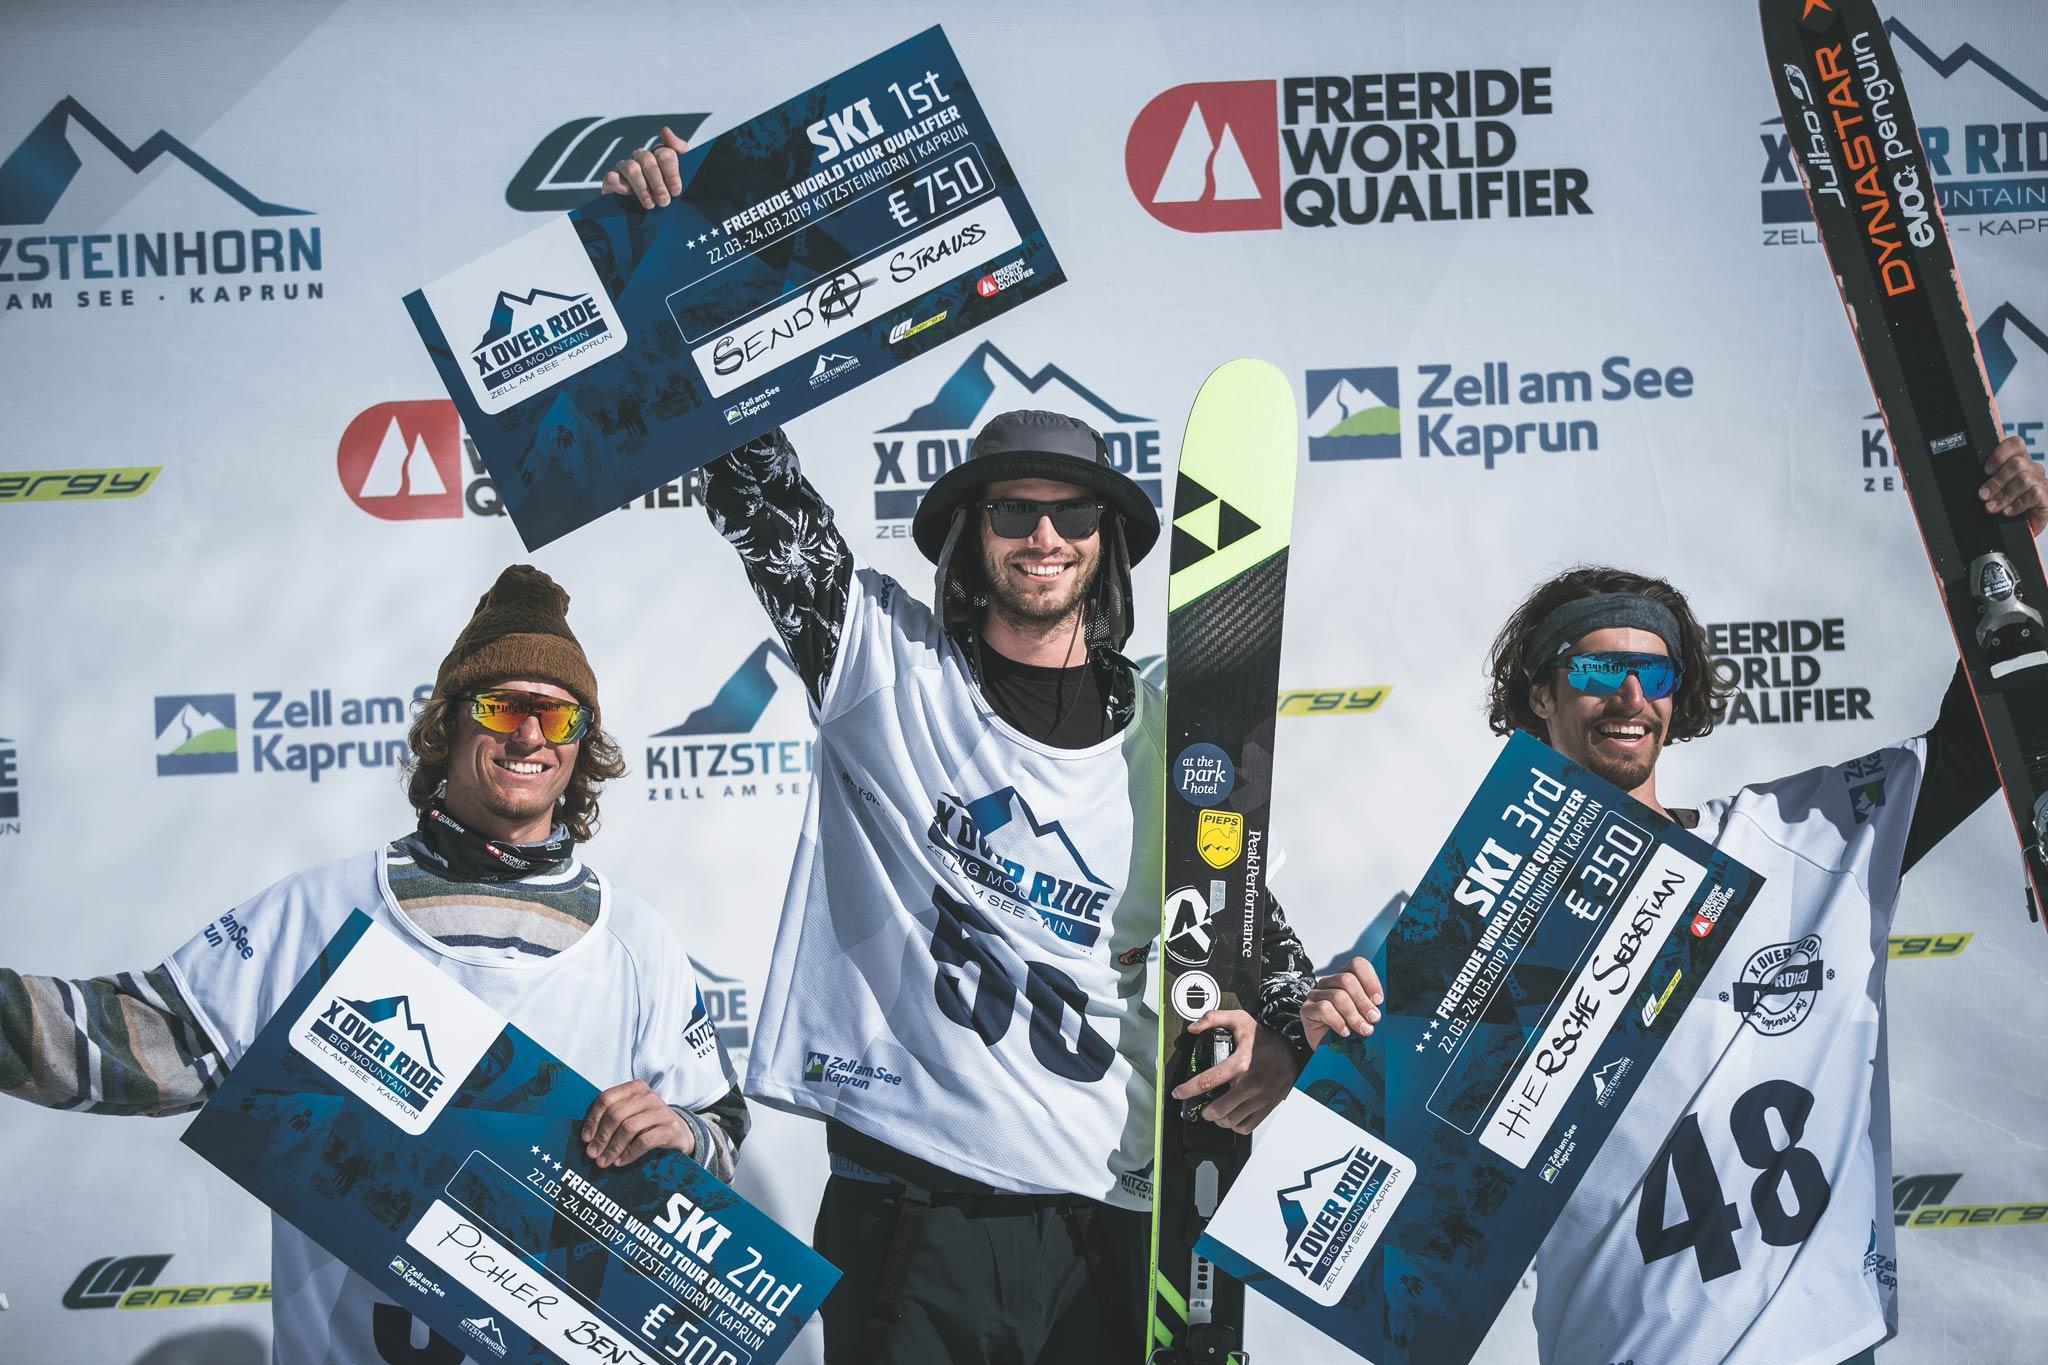 Die drei besten Männer beim X Over Ride 2019 am Kitzsteinhorn: Benjamin Pichler (AUT), Michael Strauss (AUT) & Sebastian Hiersche (AUT) - Foto: Mia Knoll